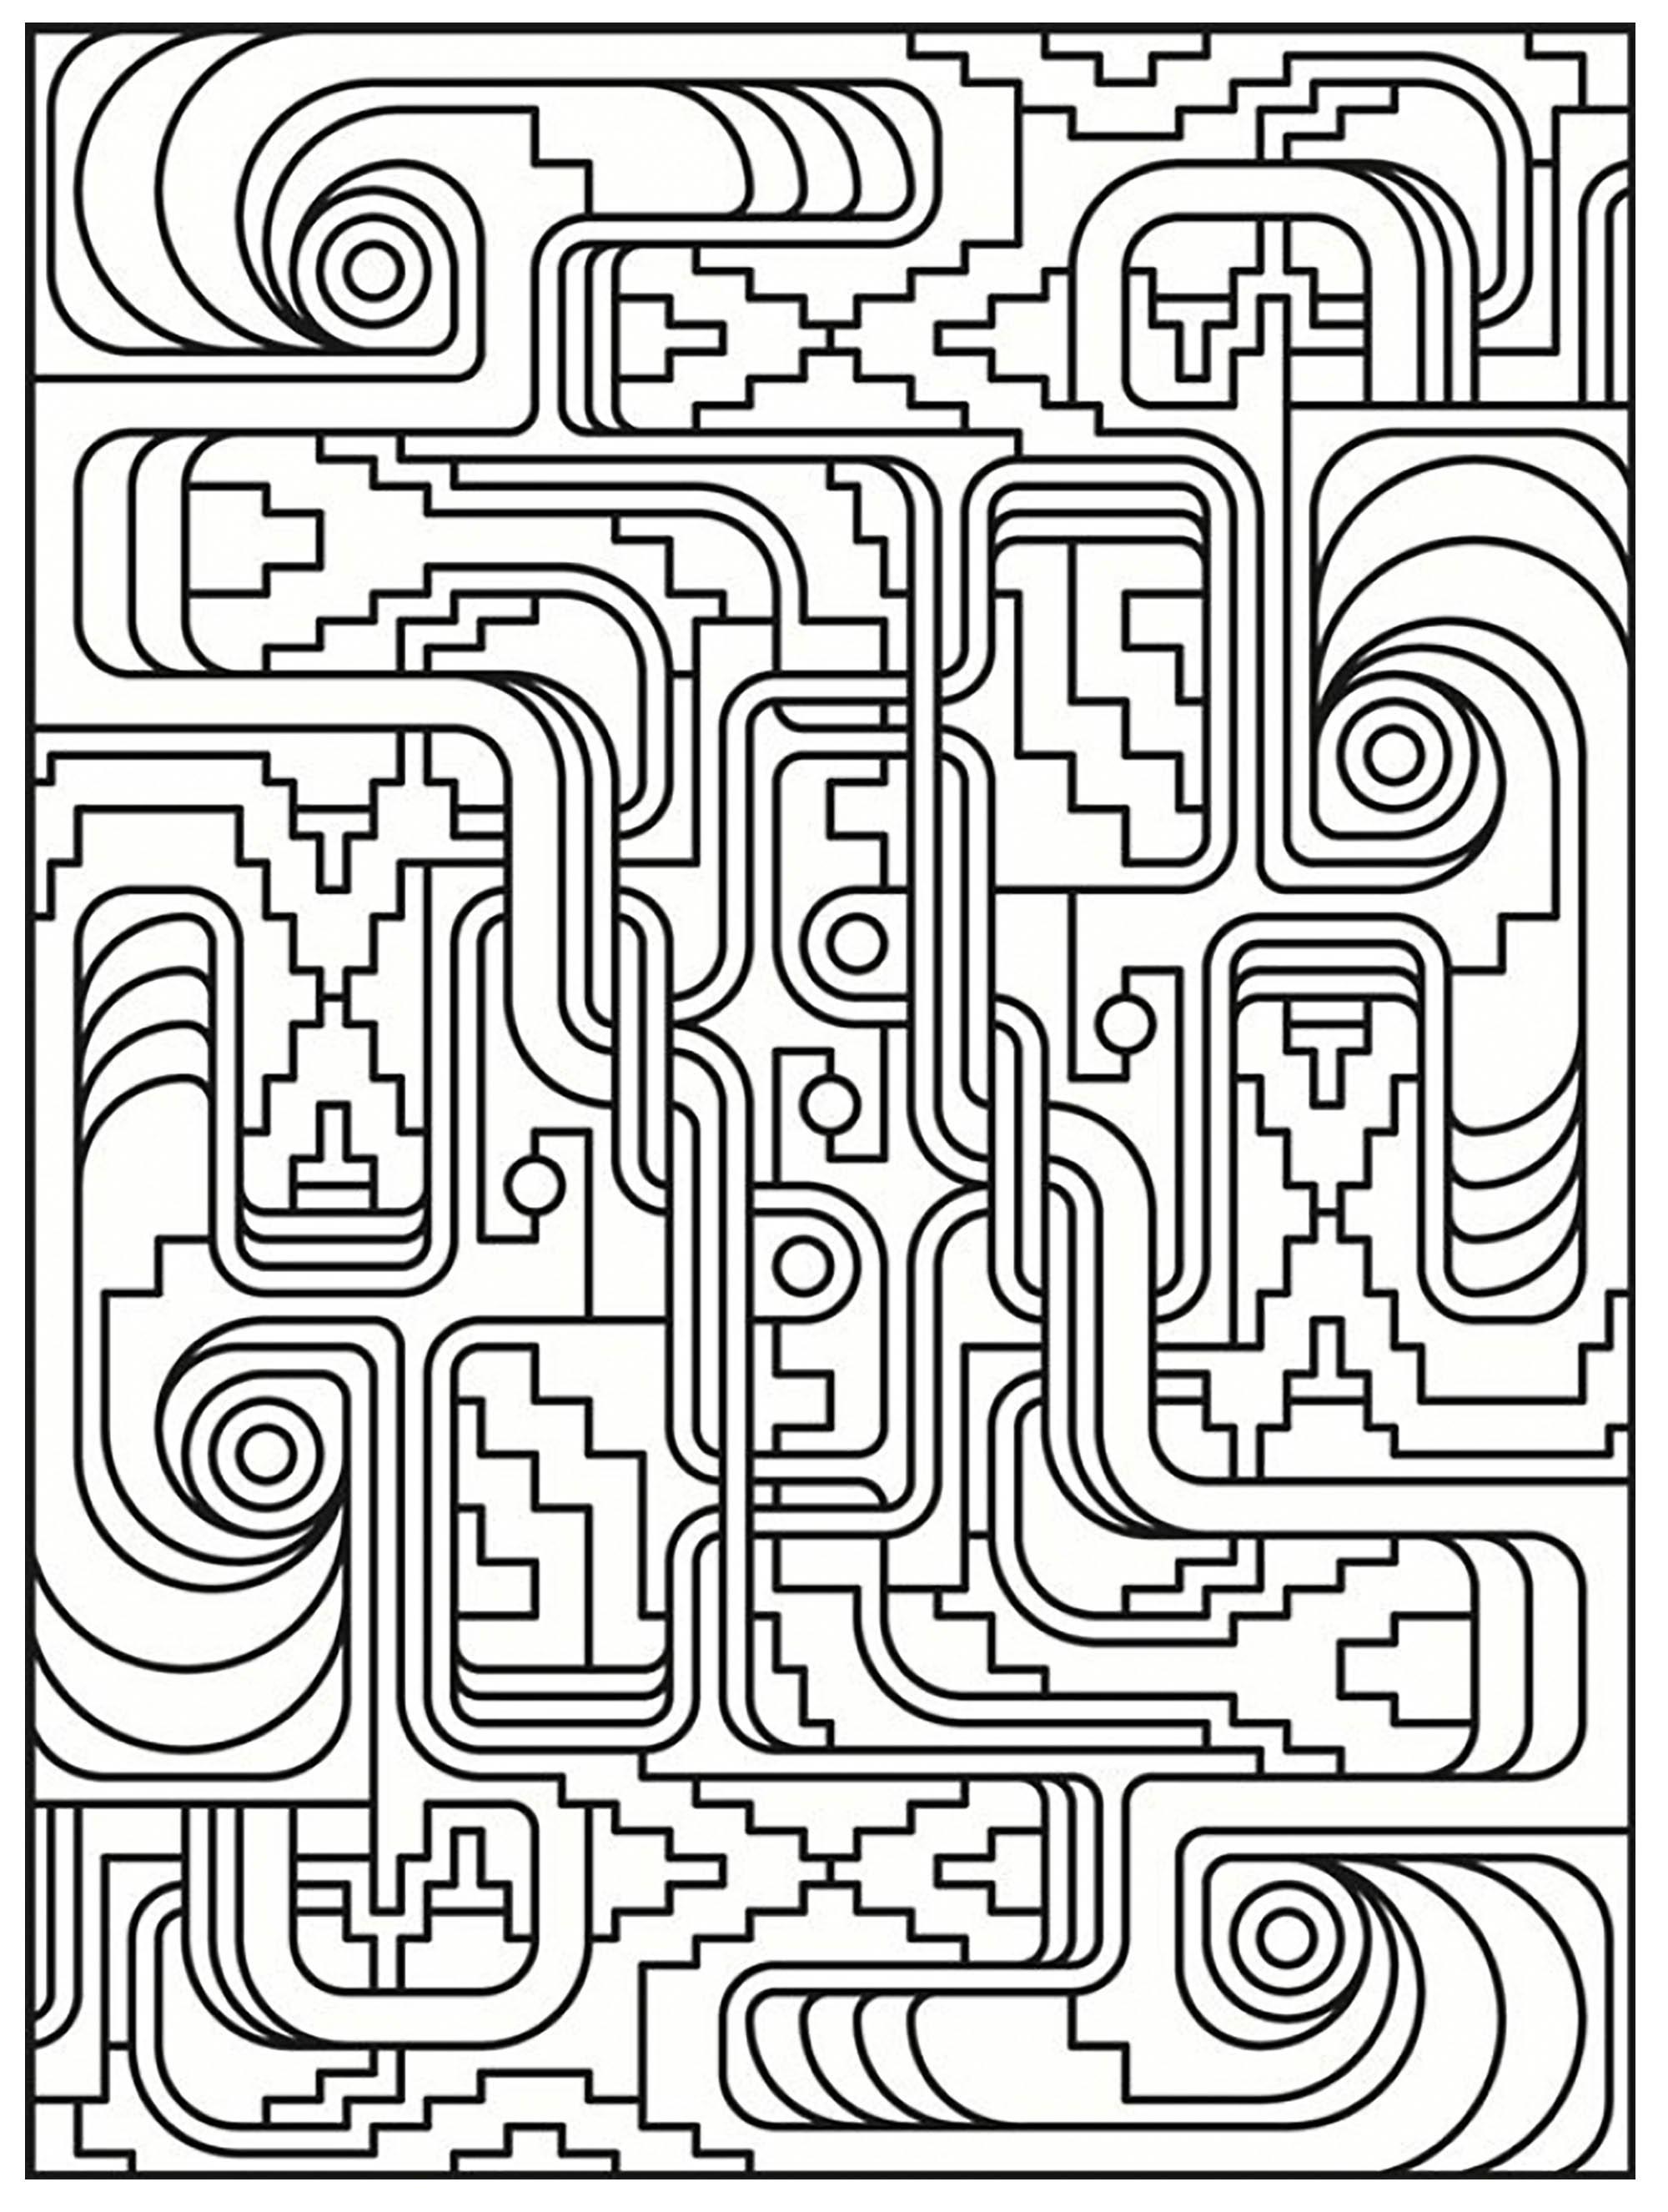 Disegni da colorare per adulti : Art deco - 1